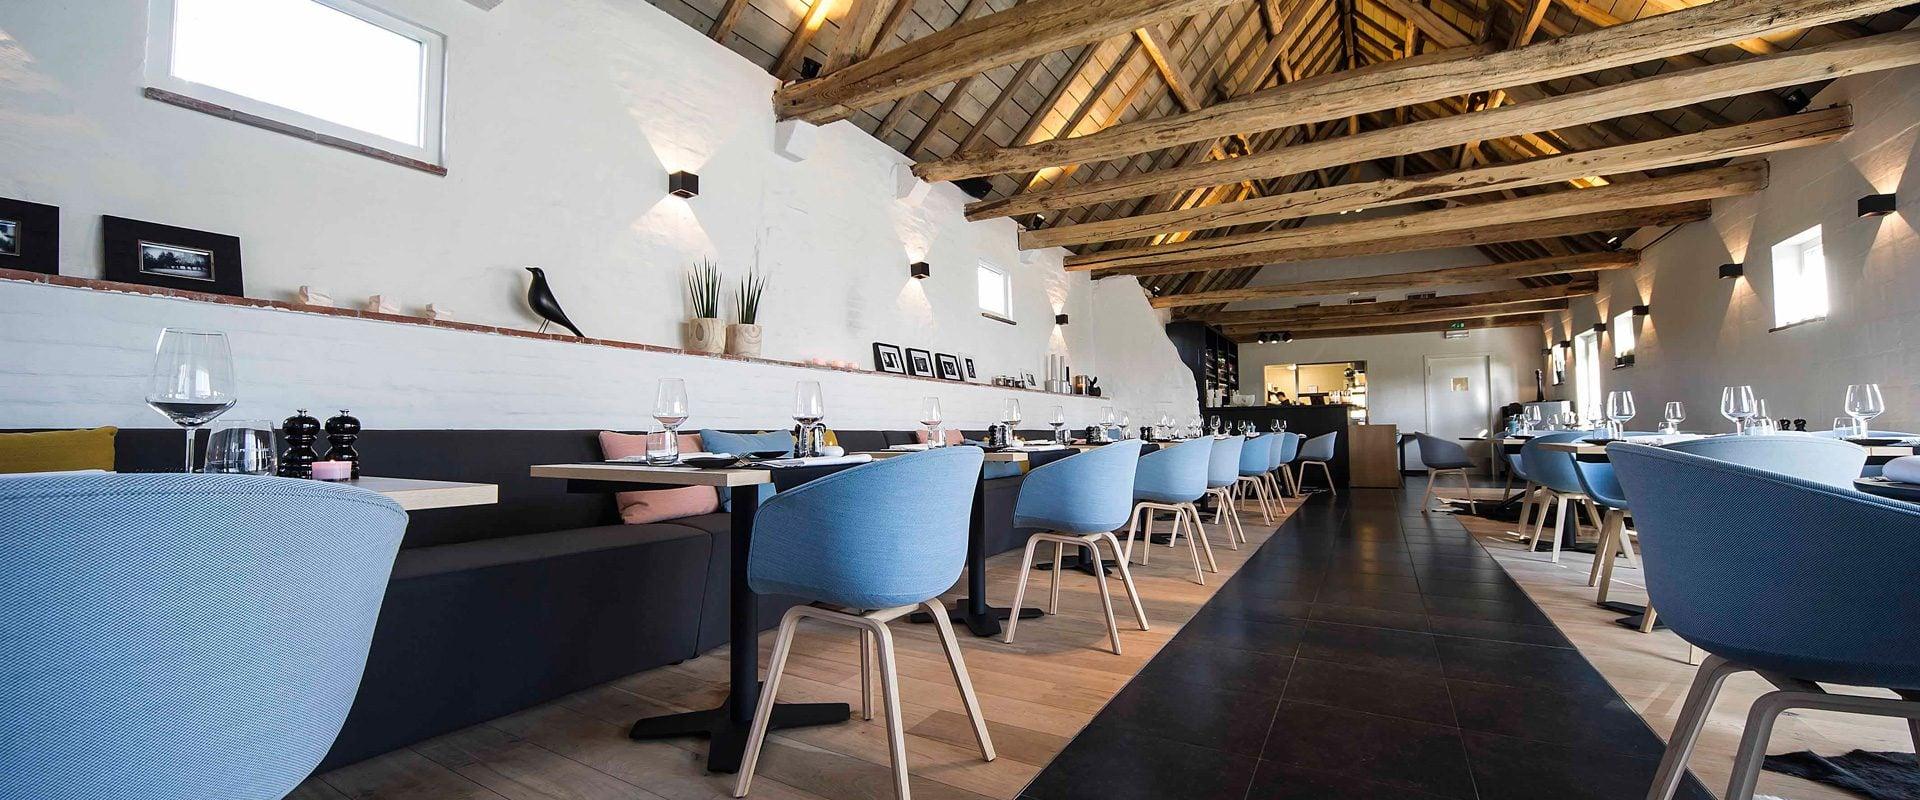 Restaurant - Cleythil Hotel